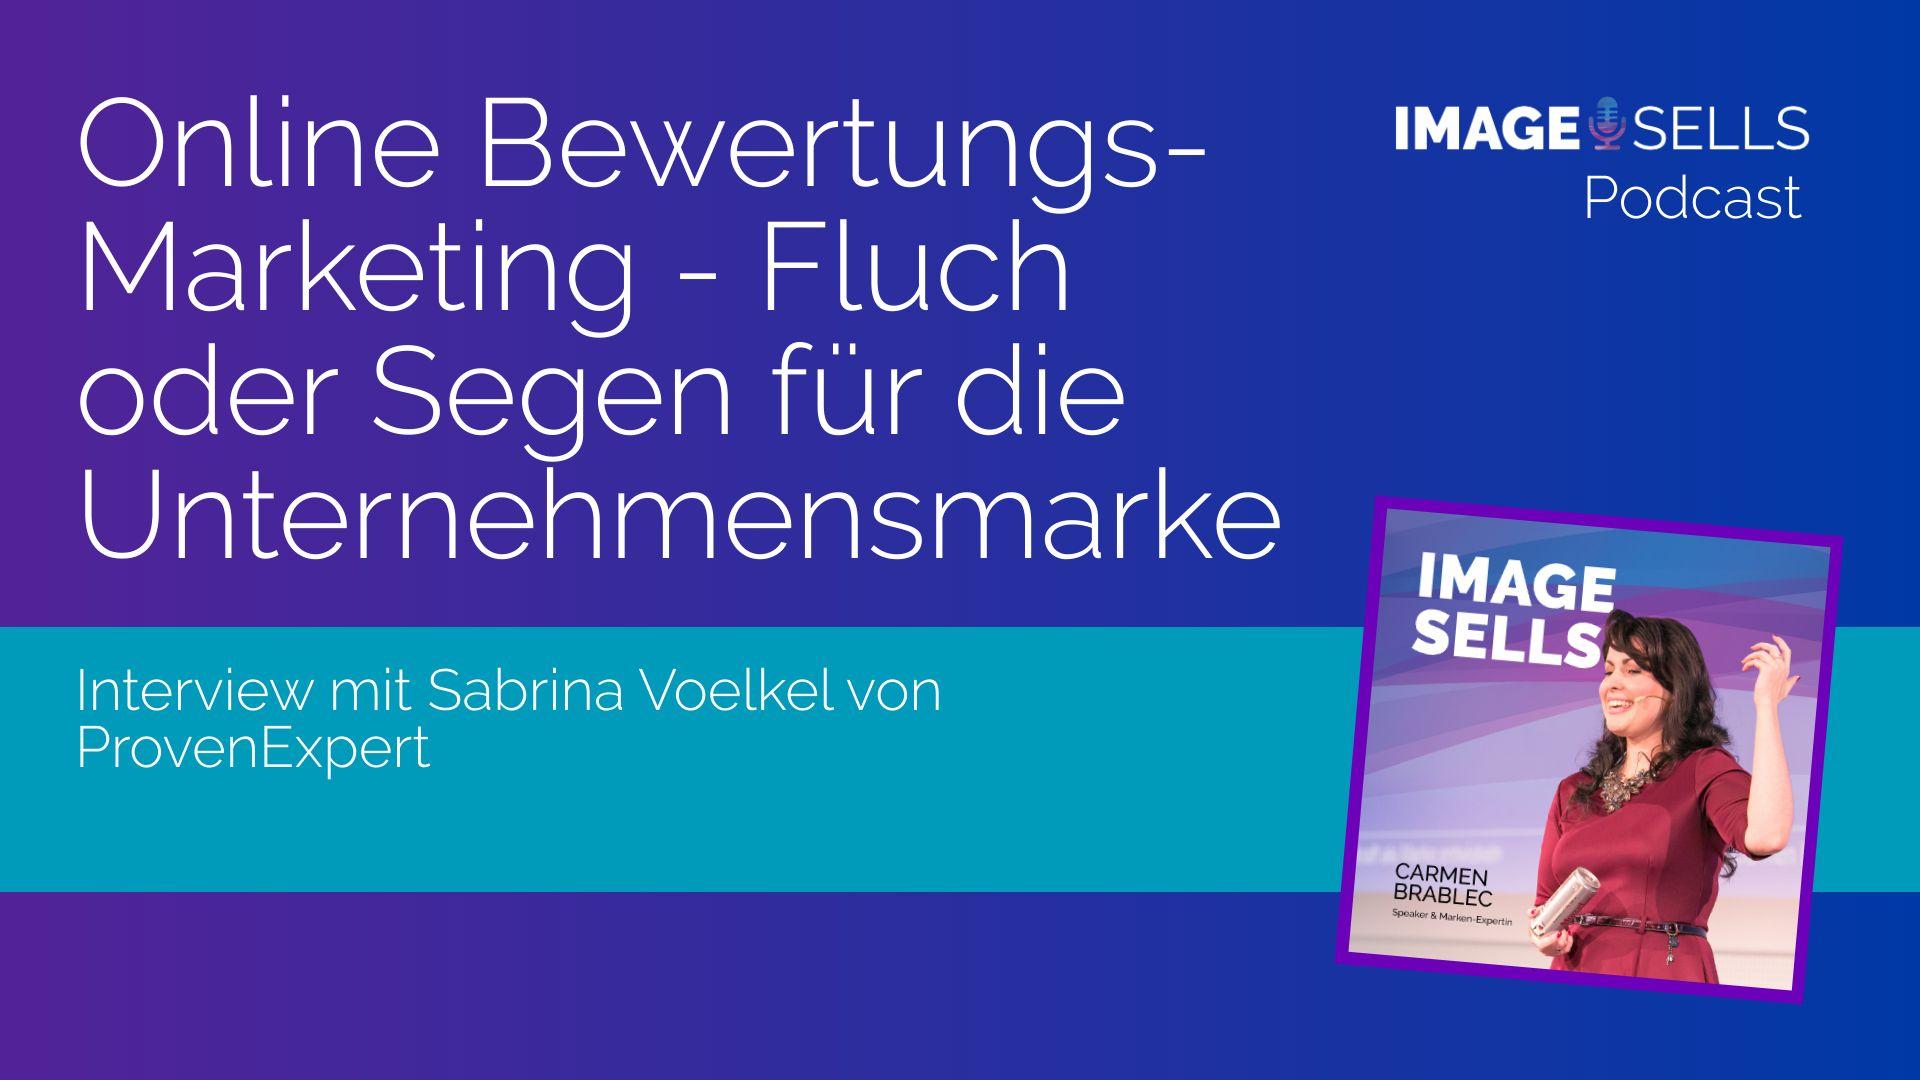 Online Bewertungs-Marketing – Fluch oder Segen für die Unternehmensmarke? Mit Sabrina Völkel von ProvenExpert – ISP #034